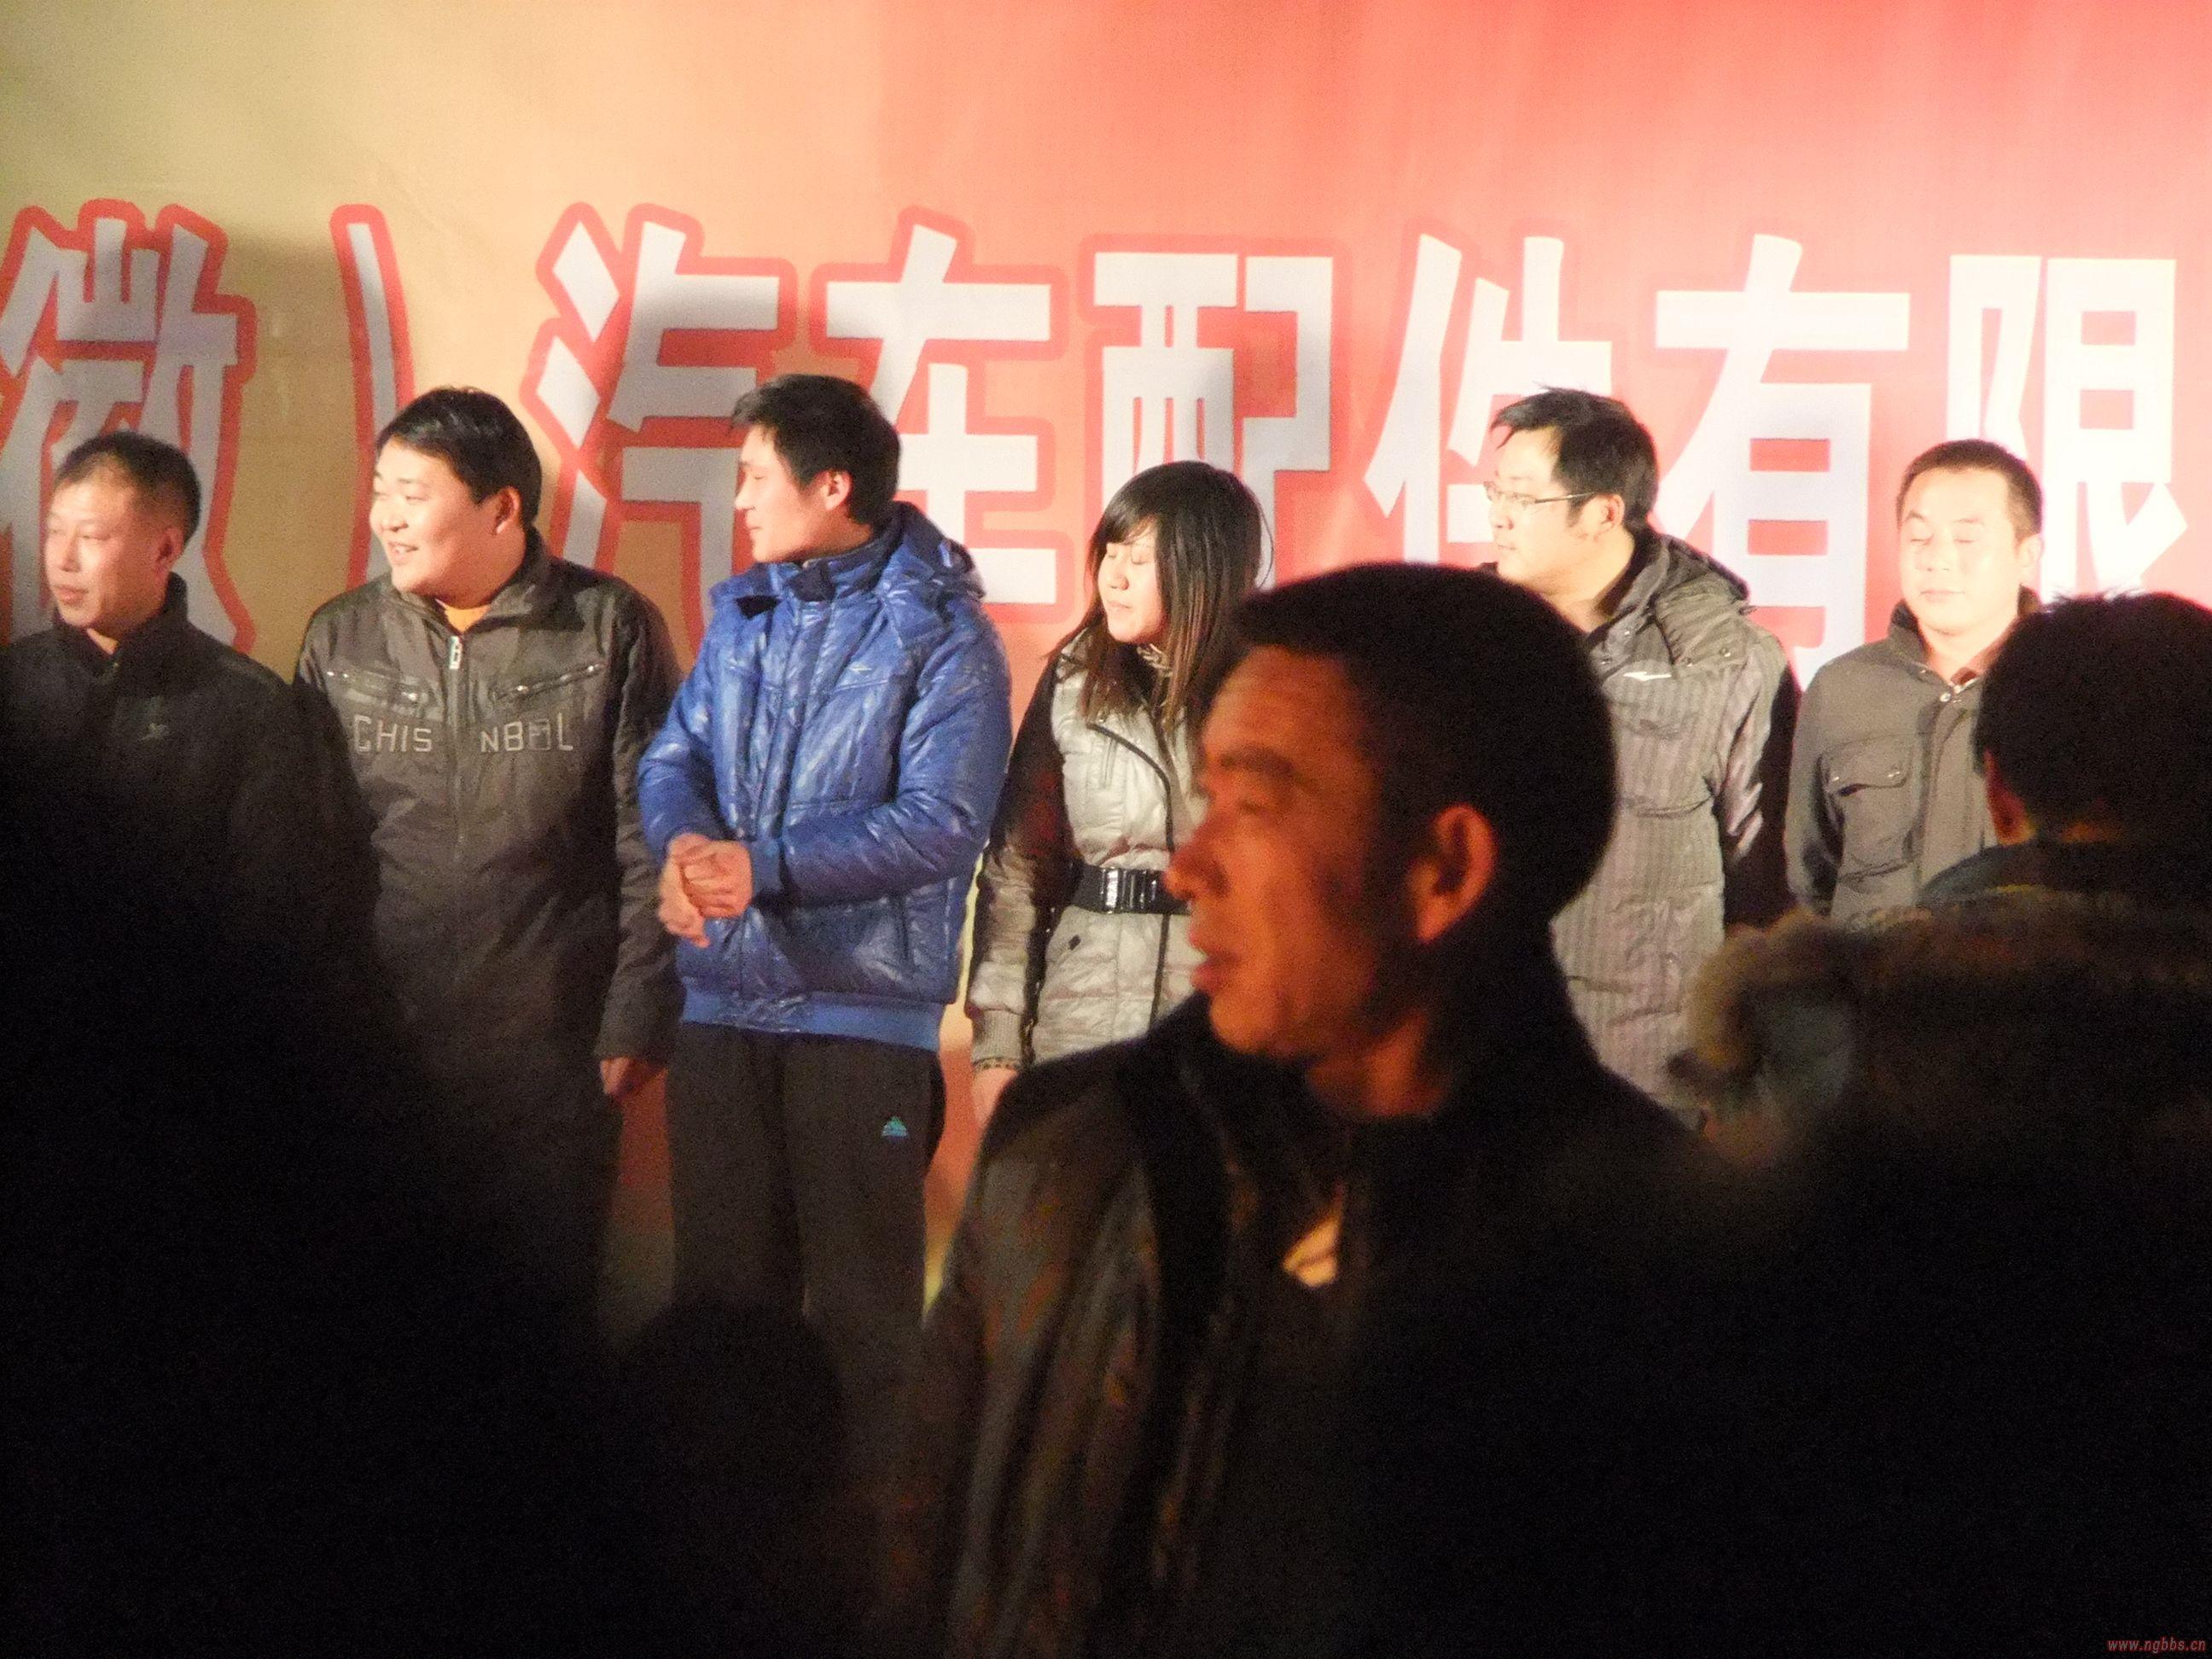 保隆篝火晚会 - 宁国论坛 - DSCF7155.jpg